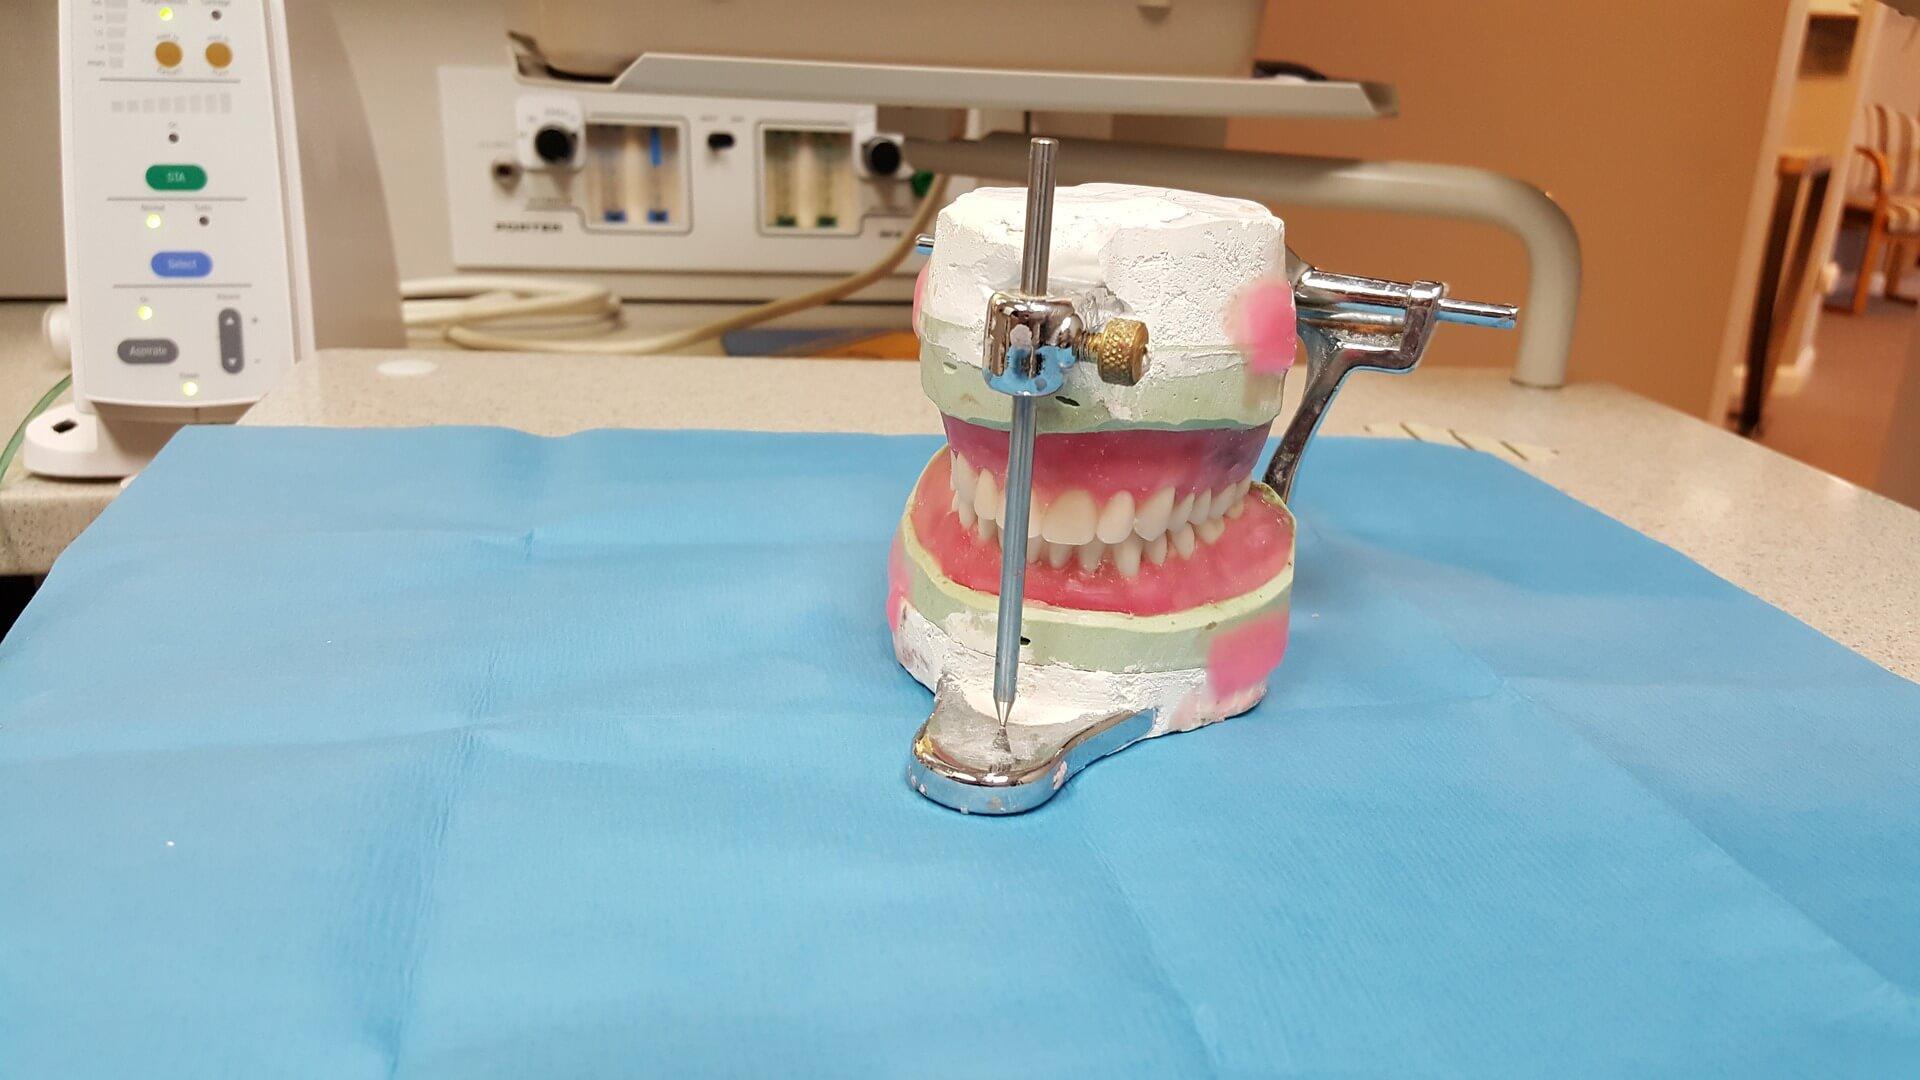 Dentallabore und Praxislabore gelten nach der MDR als Hersteller?